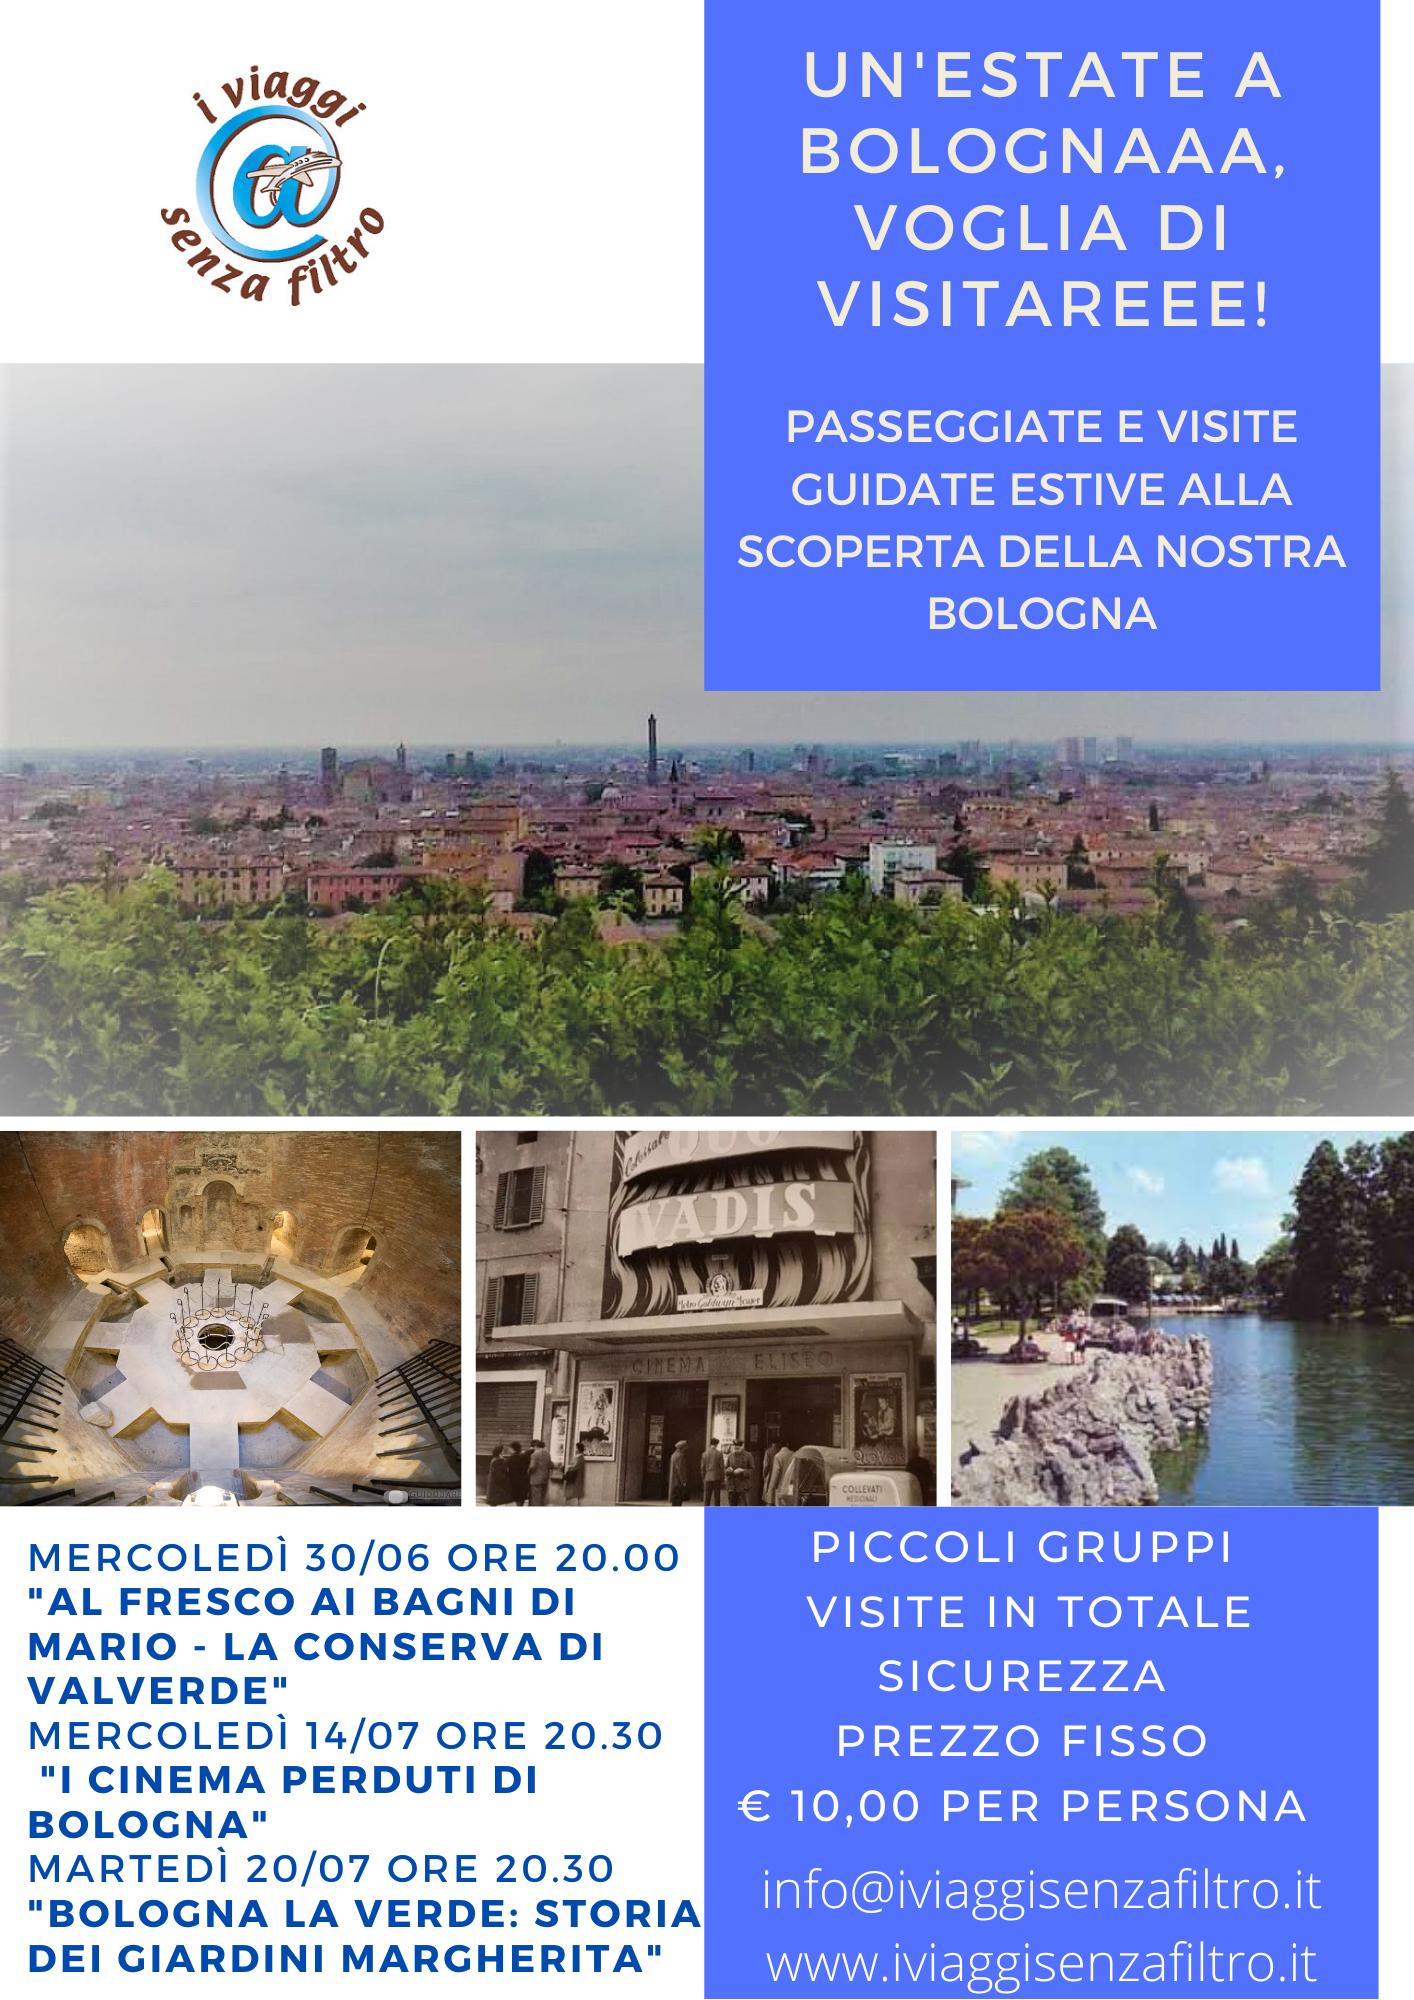 UN'ESTATE A BOLOGNAAA, VOGLIA DI VISITAREEE - visite guidate serali a Bologna Giugno Luglio